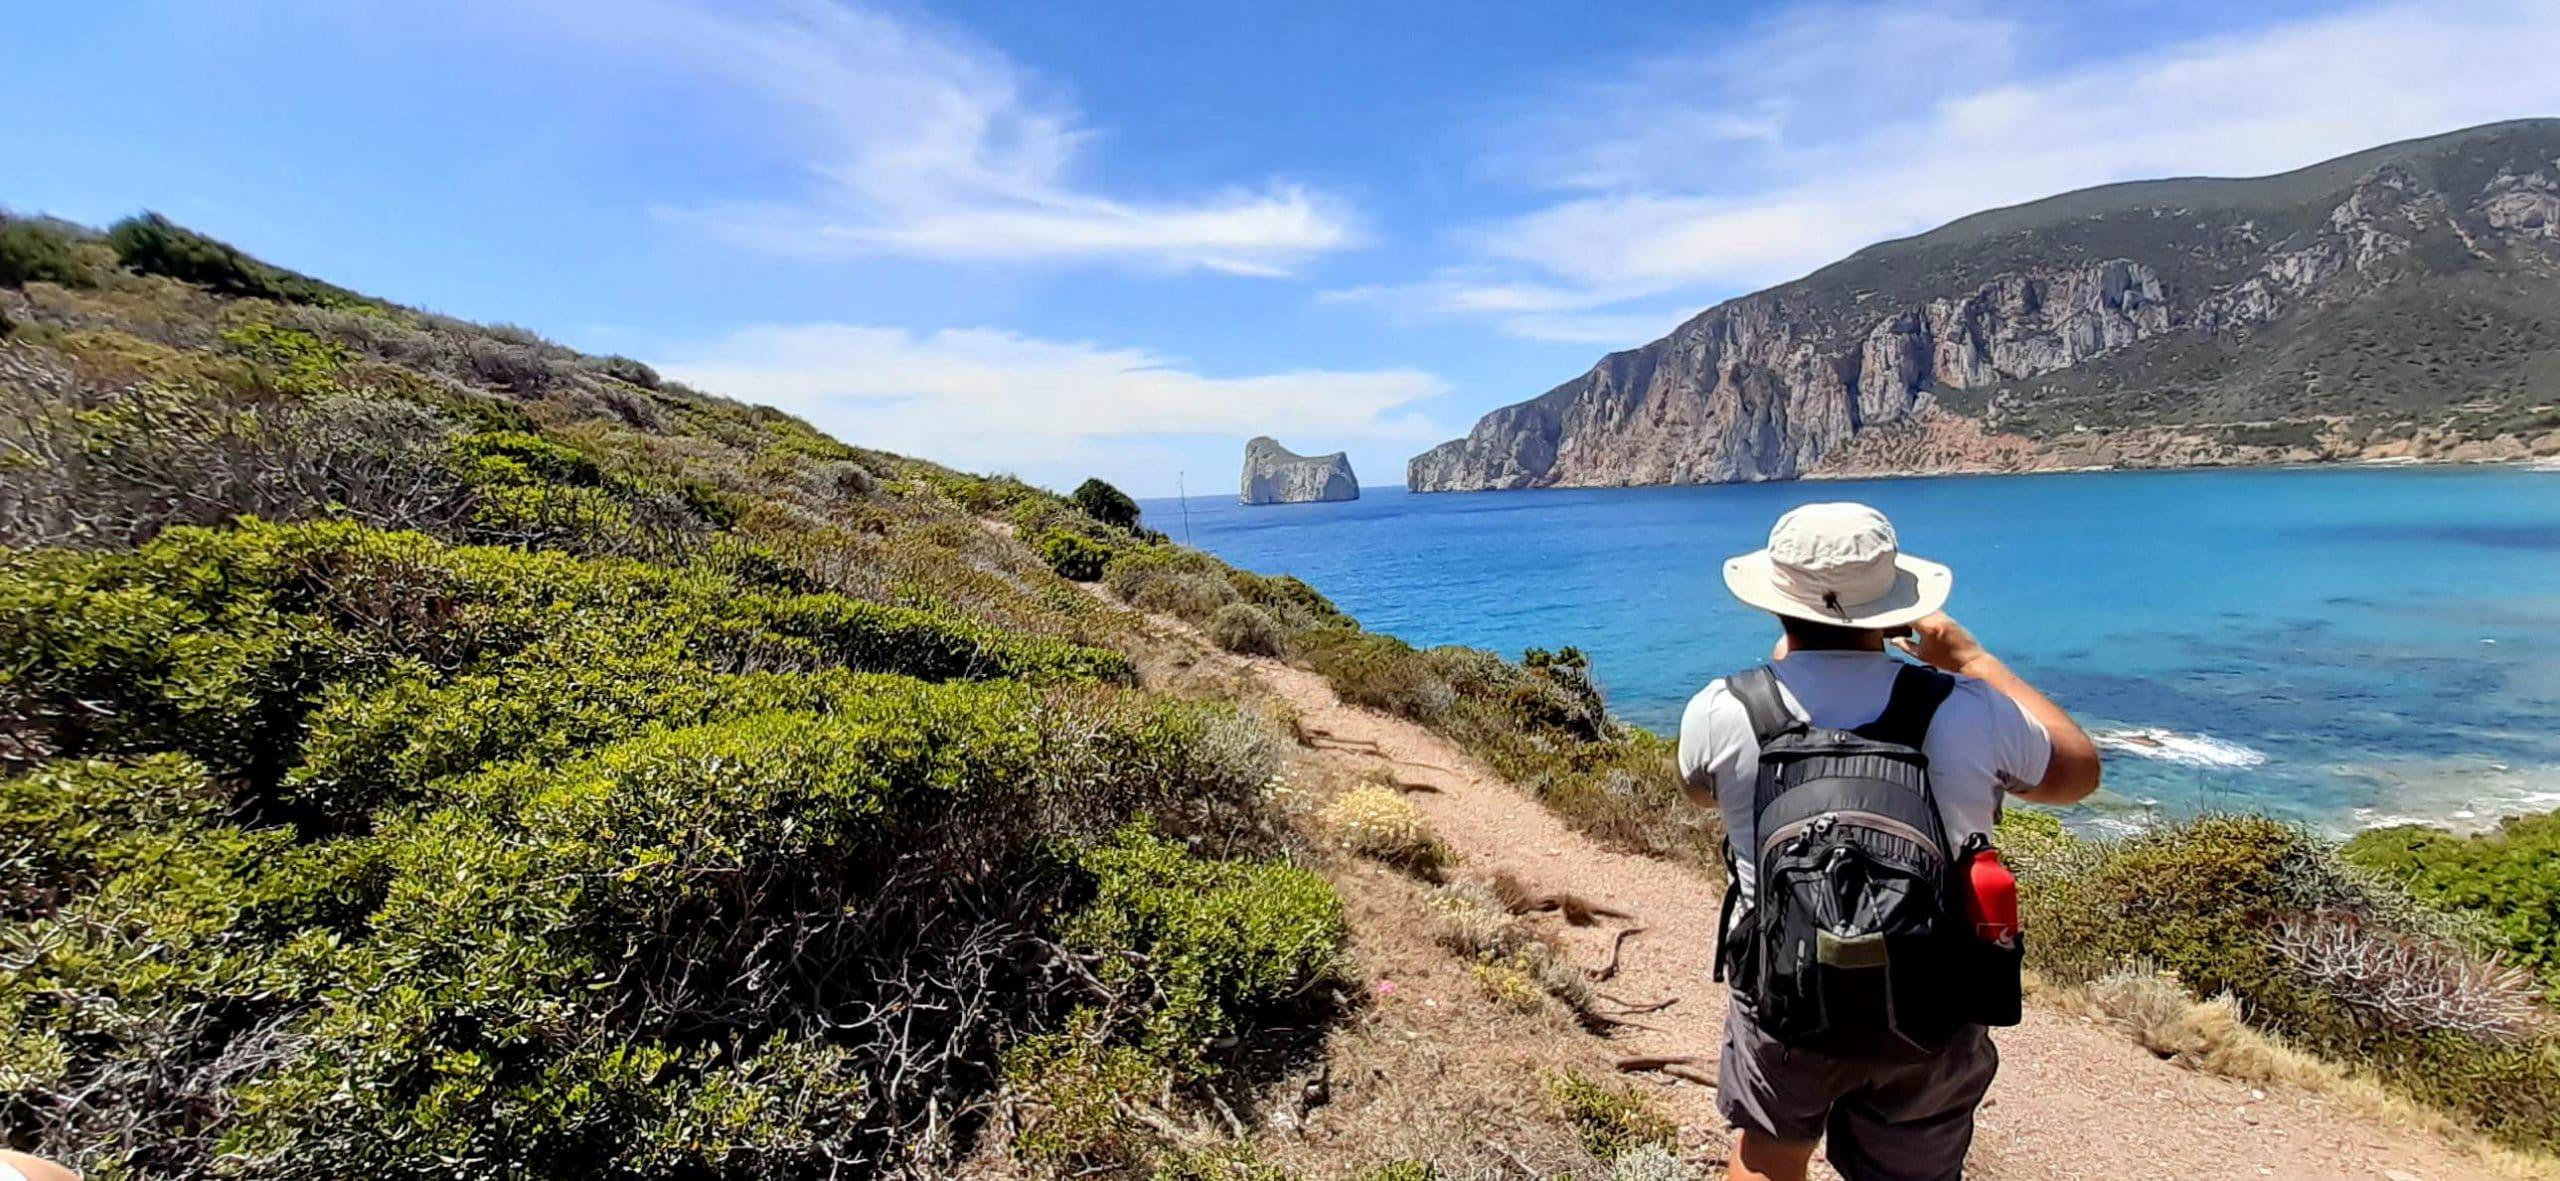 Panoramica Pan di Zucchero - Trekking miniere nel blu